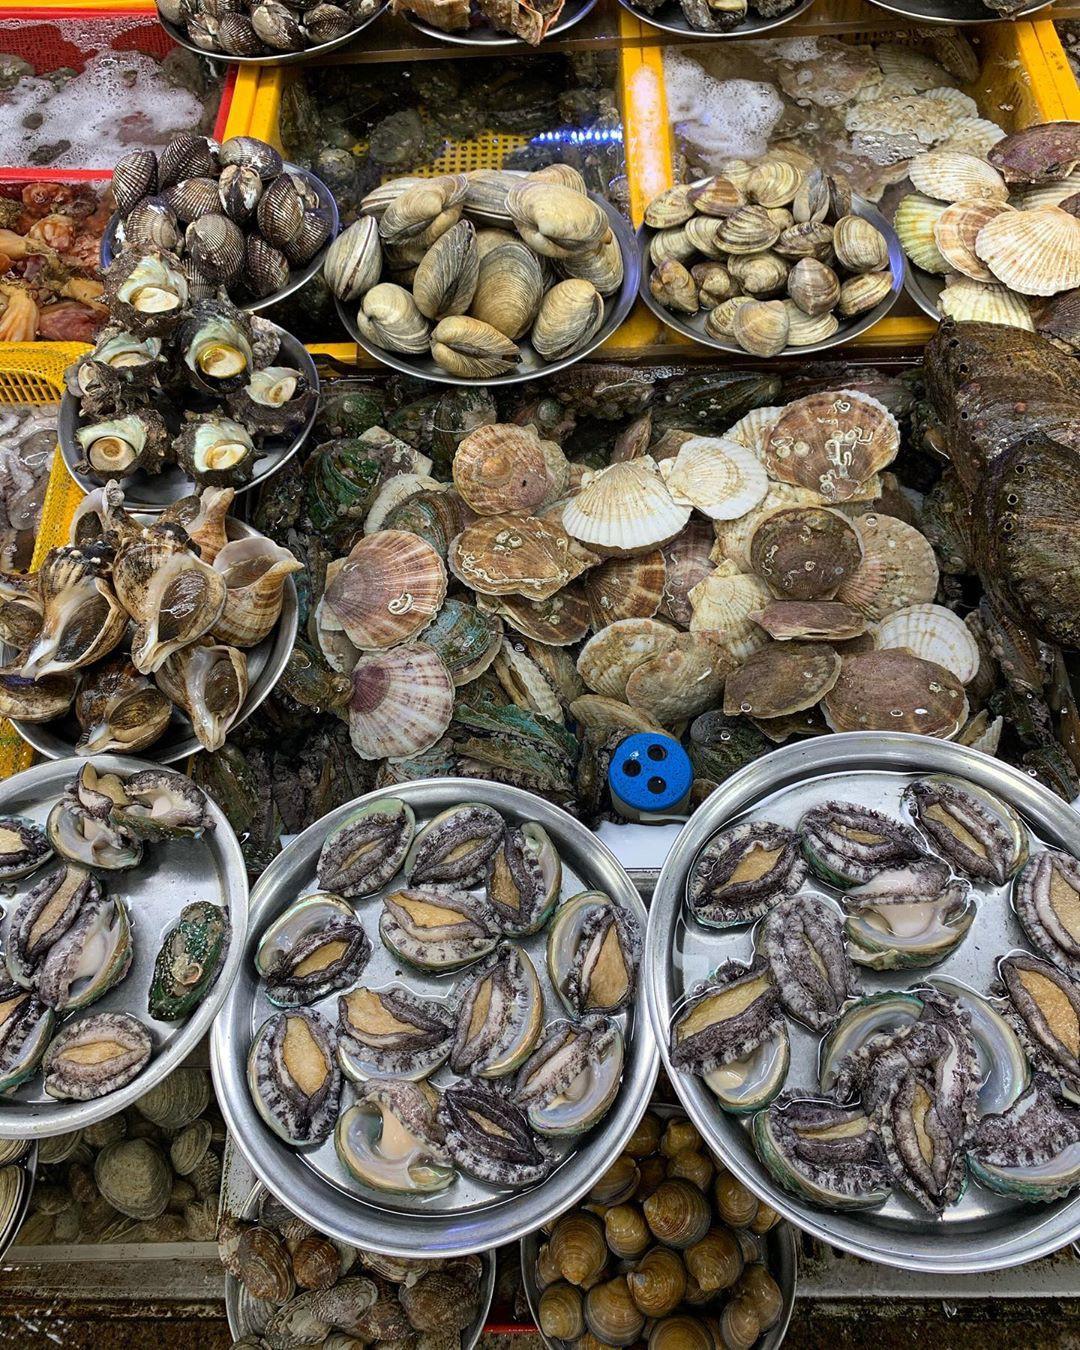 Ăn chơi phủ phê tại 4 khu chợ nổi tiếng nhất Hàn Quốc - Ảnh 8.